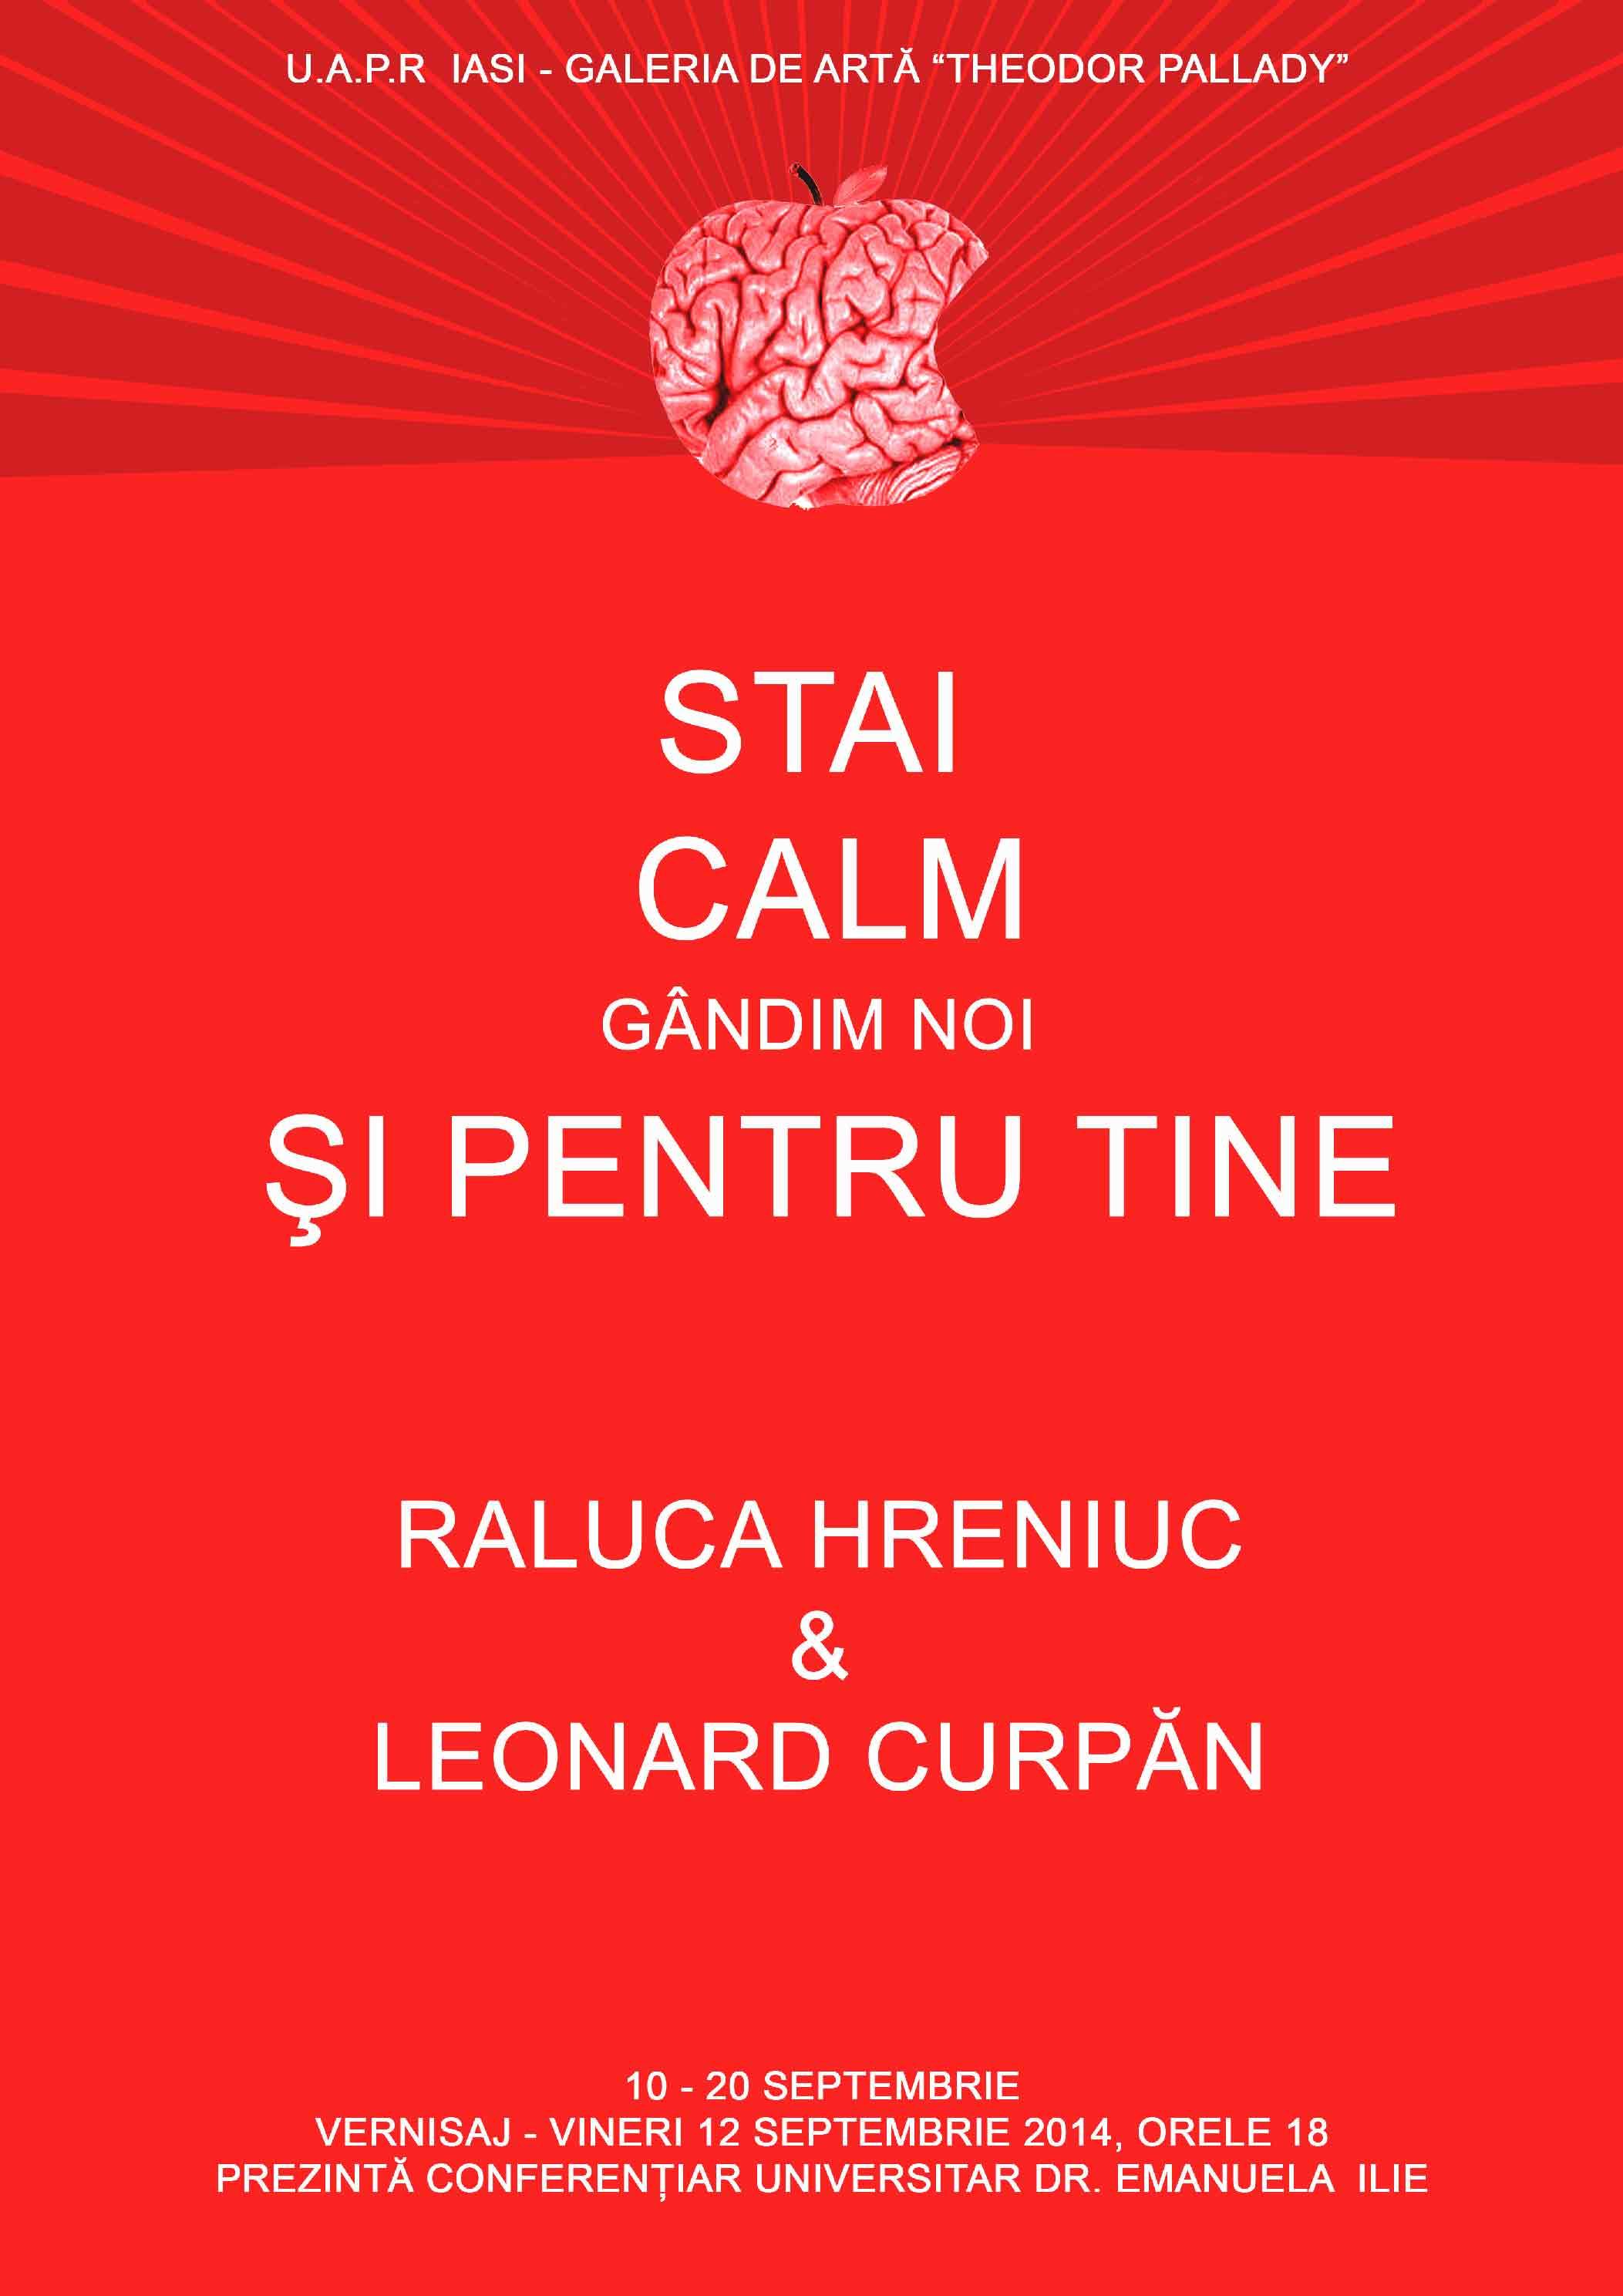 """Raluca Hreniuc şi Leonard Curpăn """"Stai calm, gândim noi şi pentru tine"""" @ Galeria de artă """"Theodor Pallady"""", Iași"""